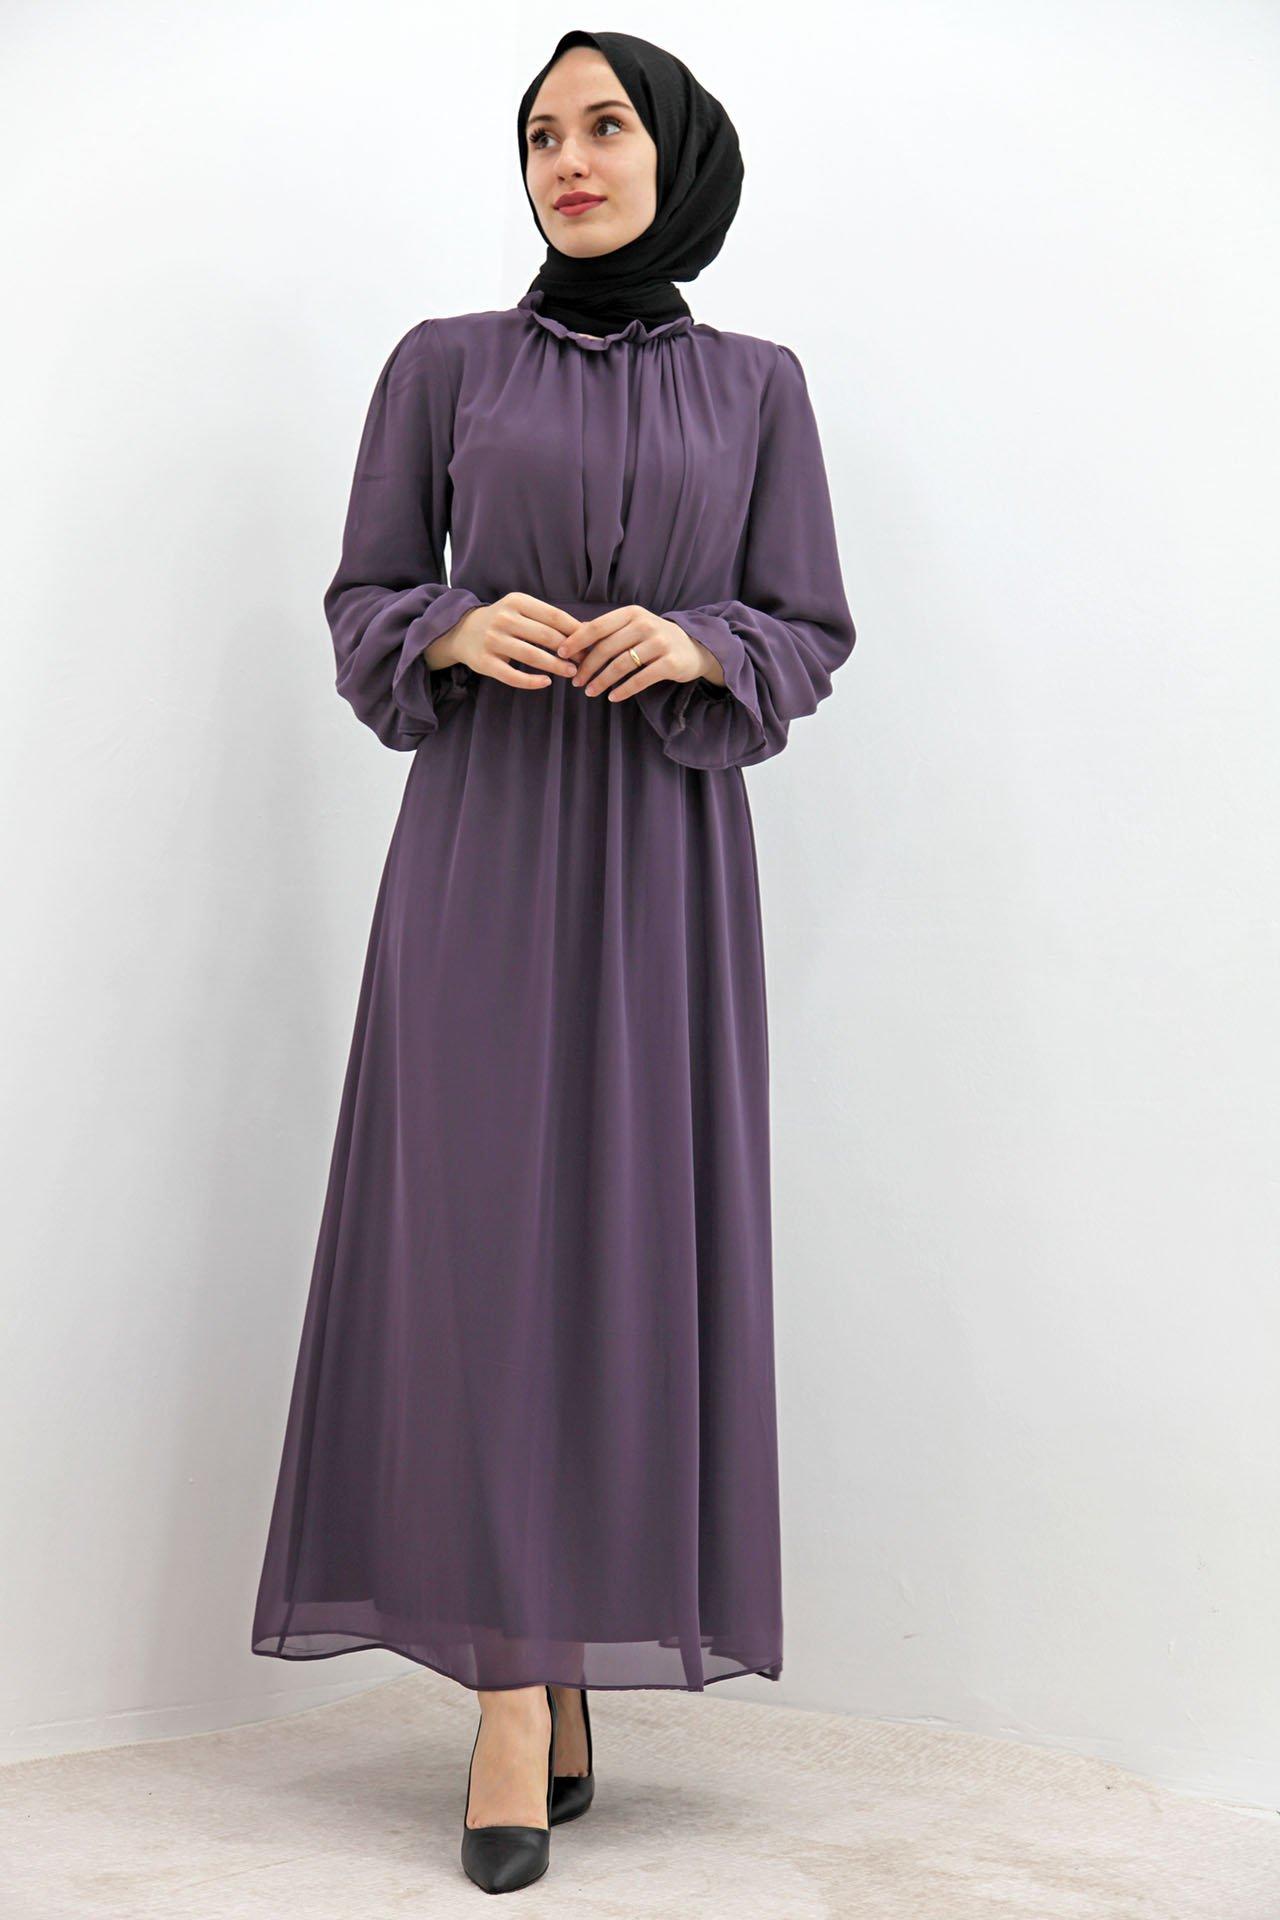 GİZAGİYİM - Kol Boyun Fırfır Tesettür Elbise Koyu Gül Kurusu